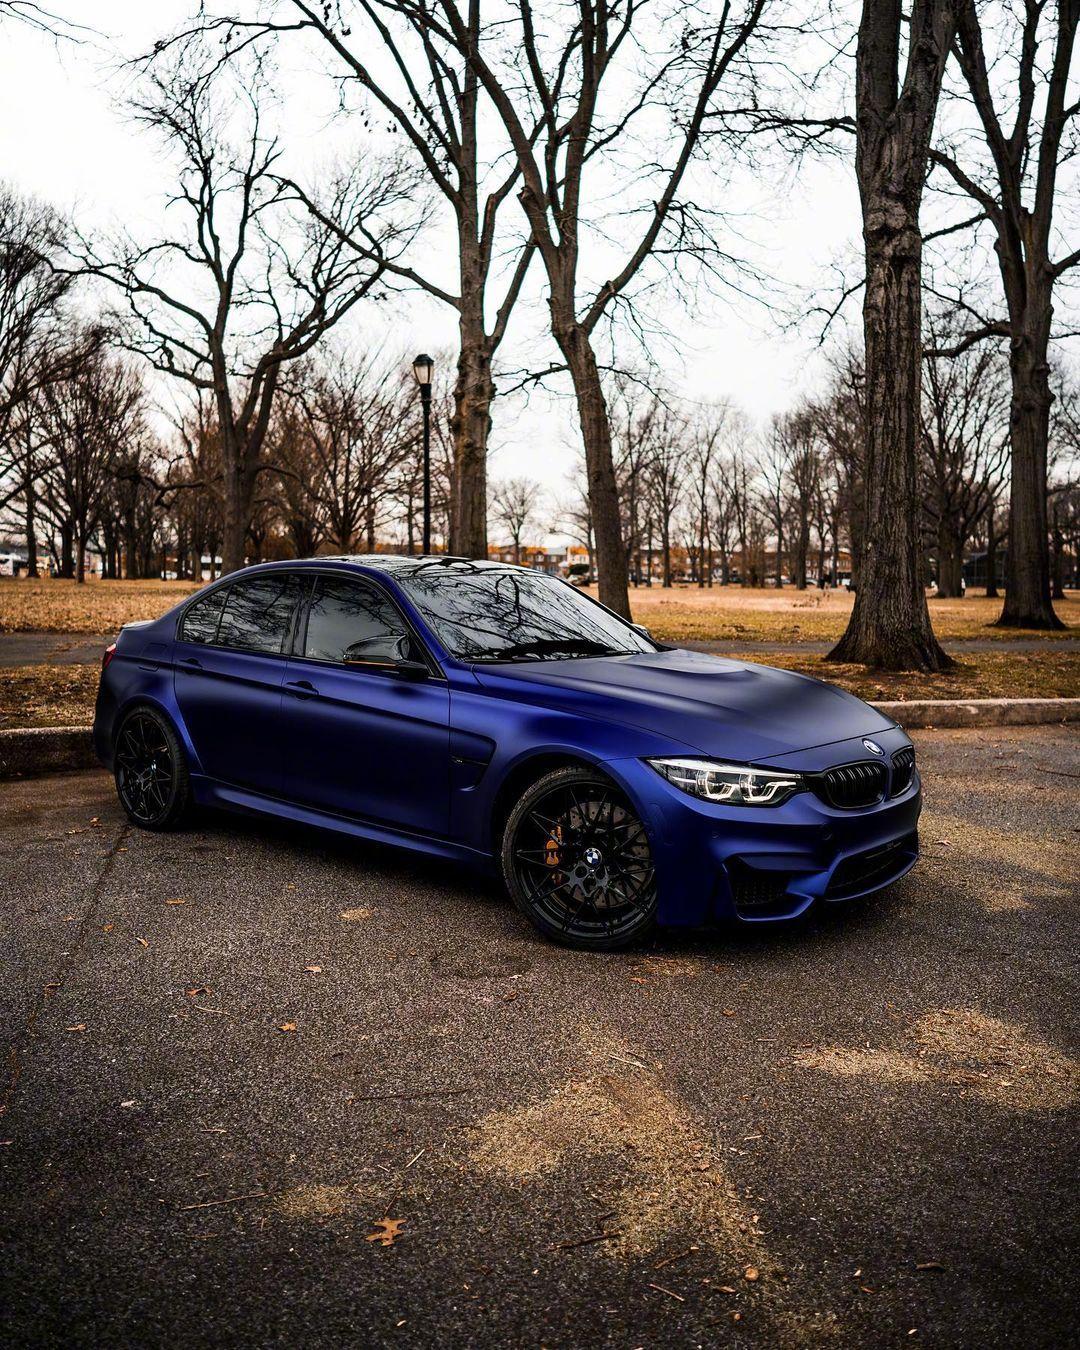 哑光蓝宝马BMW M3很漂亮哦!